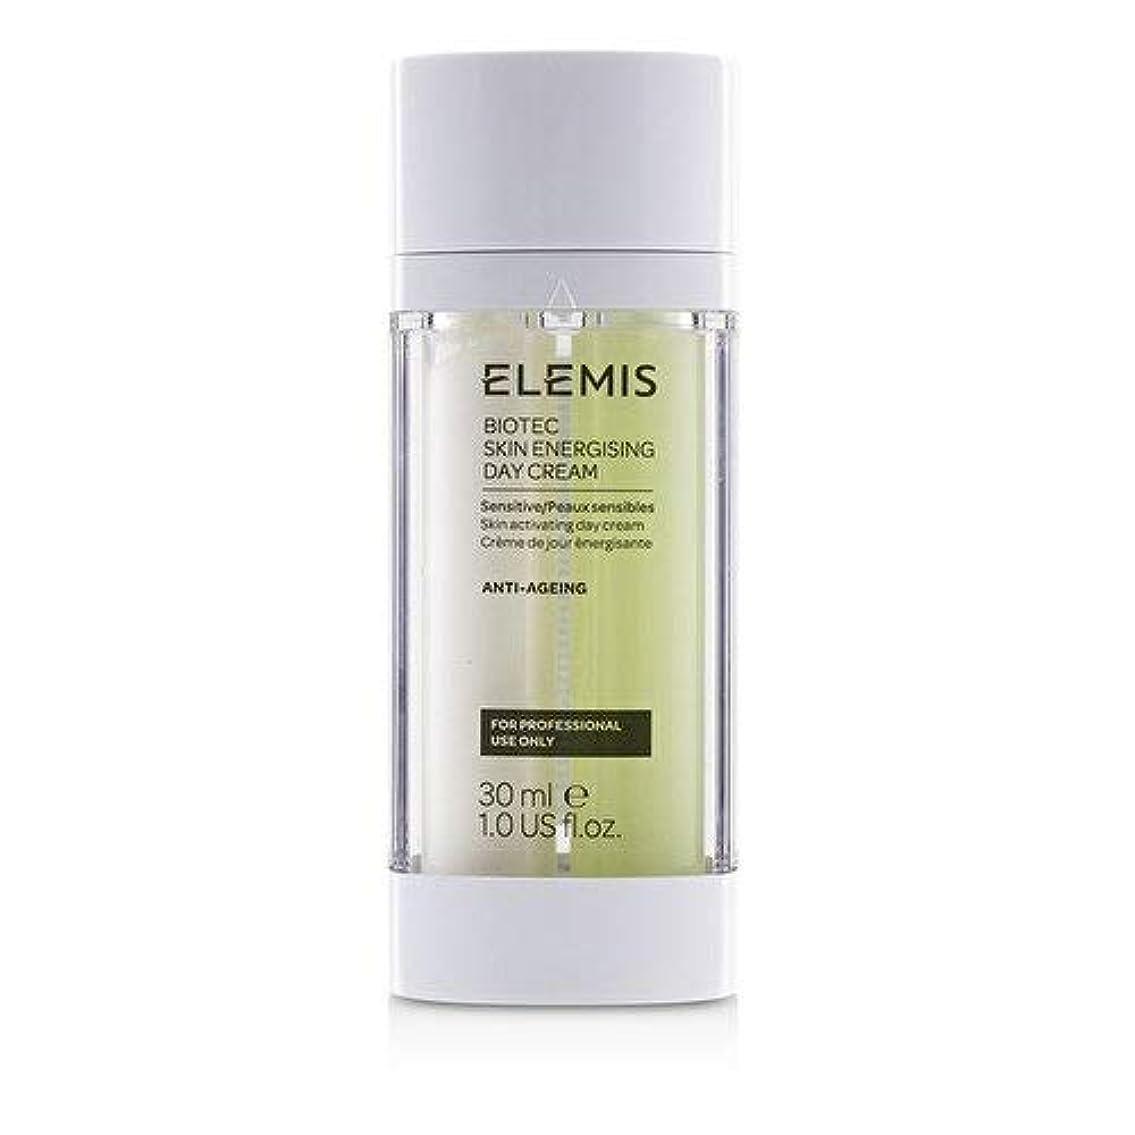 テント中でエレミス BIOTEC Skin Energising Day Cream - Sensitive (Salon Product) 30ml/1oz並行輸入品